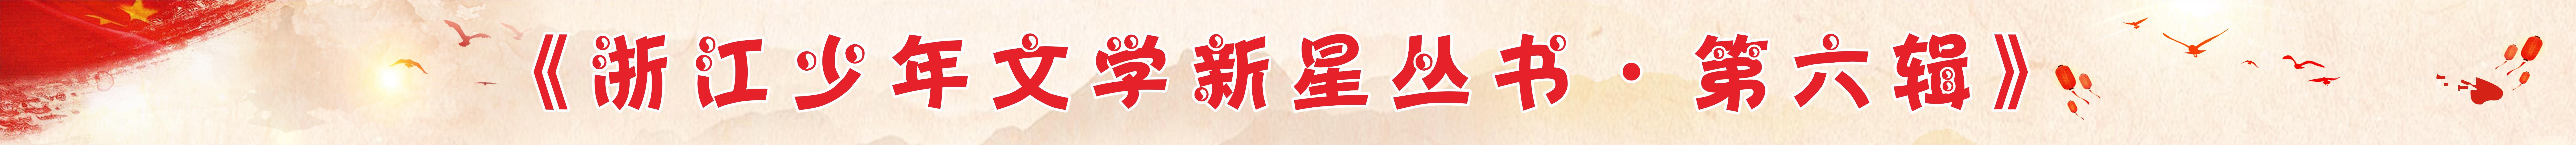 《浙江少年文学新星丛书·第六辑》